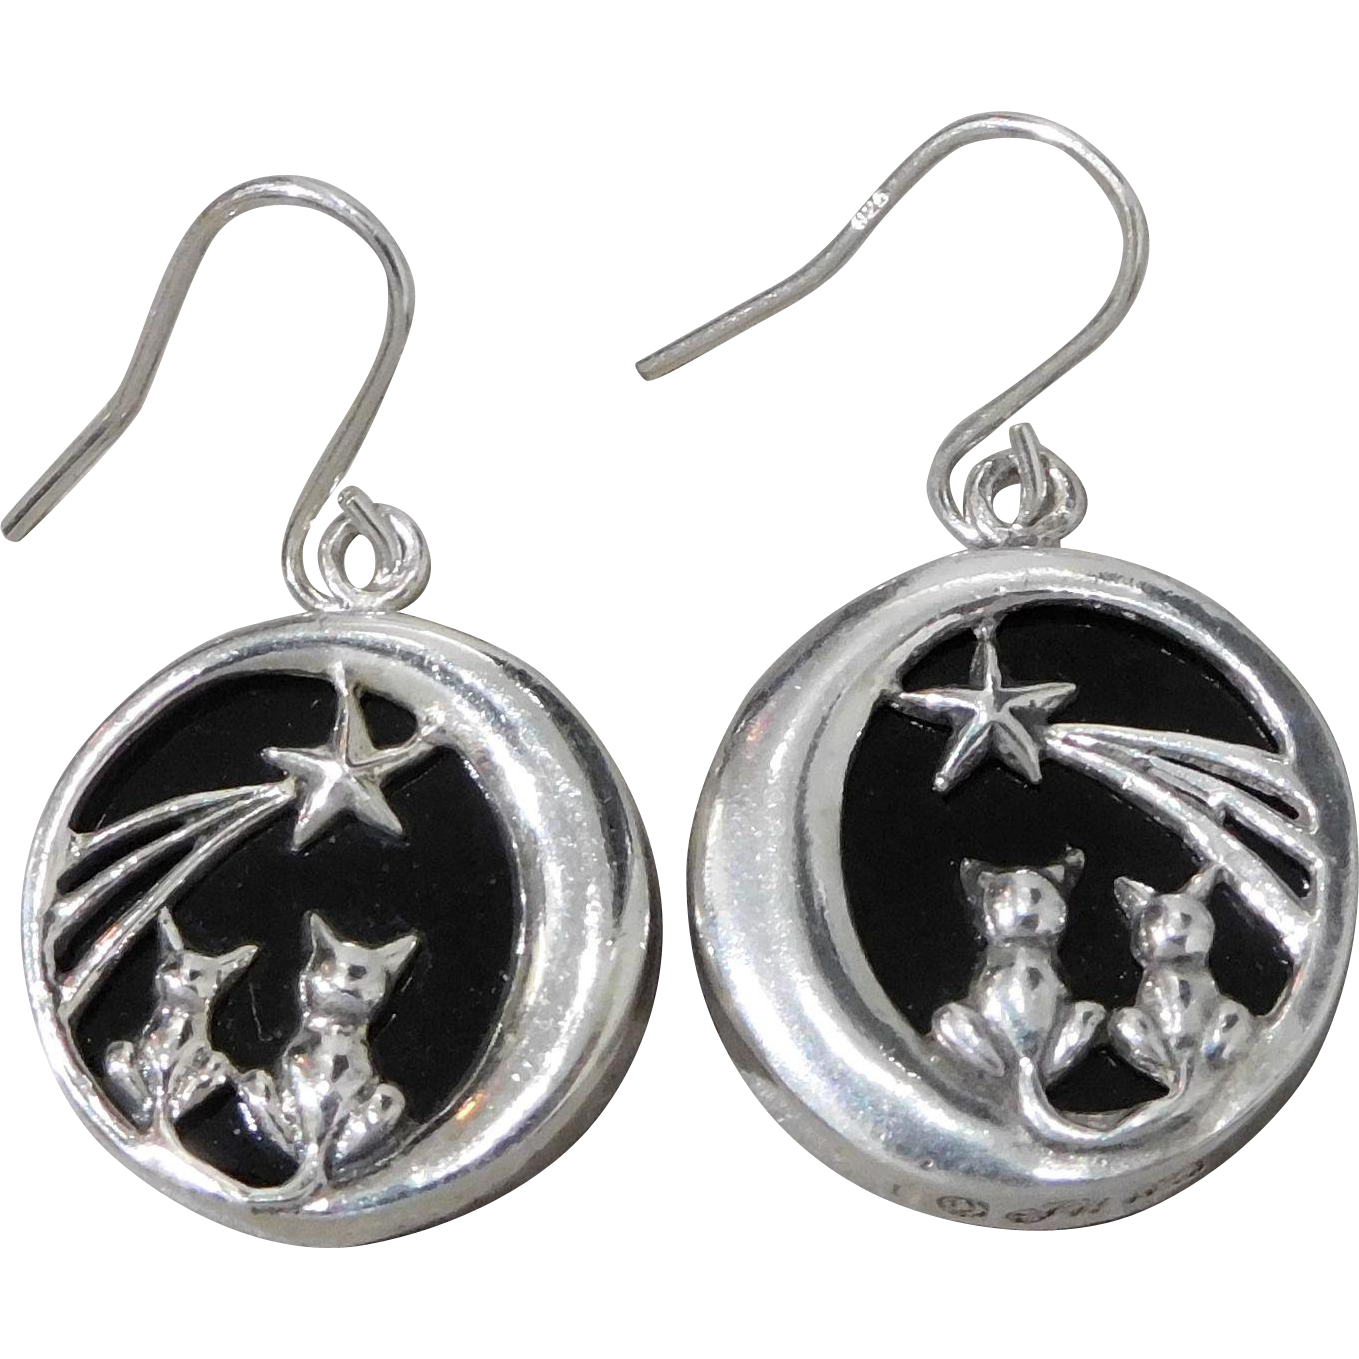 Jezlaine Sterling Silver Kitty Cat Shooting Star Onyx Pendant Earrings